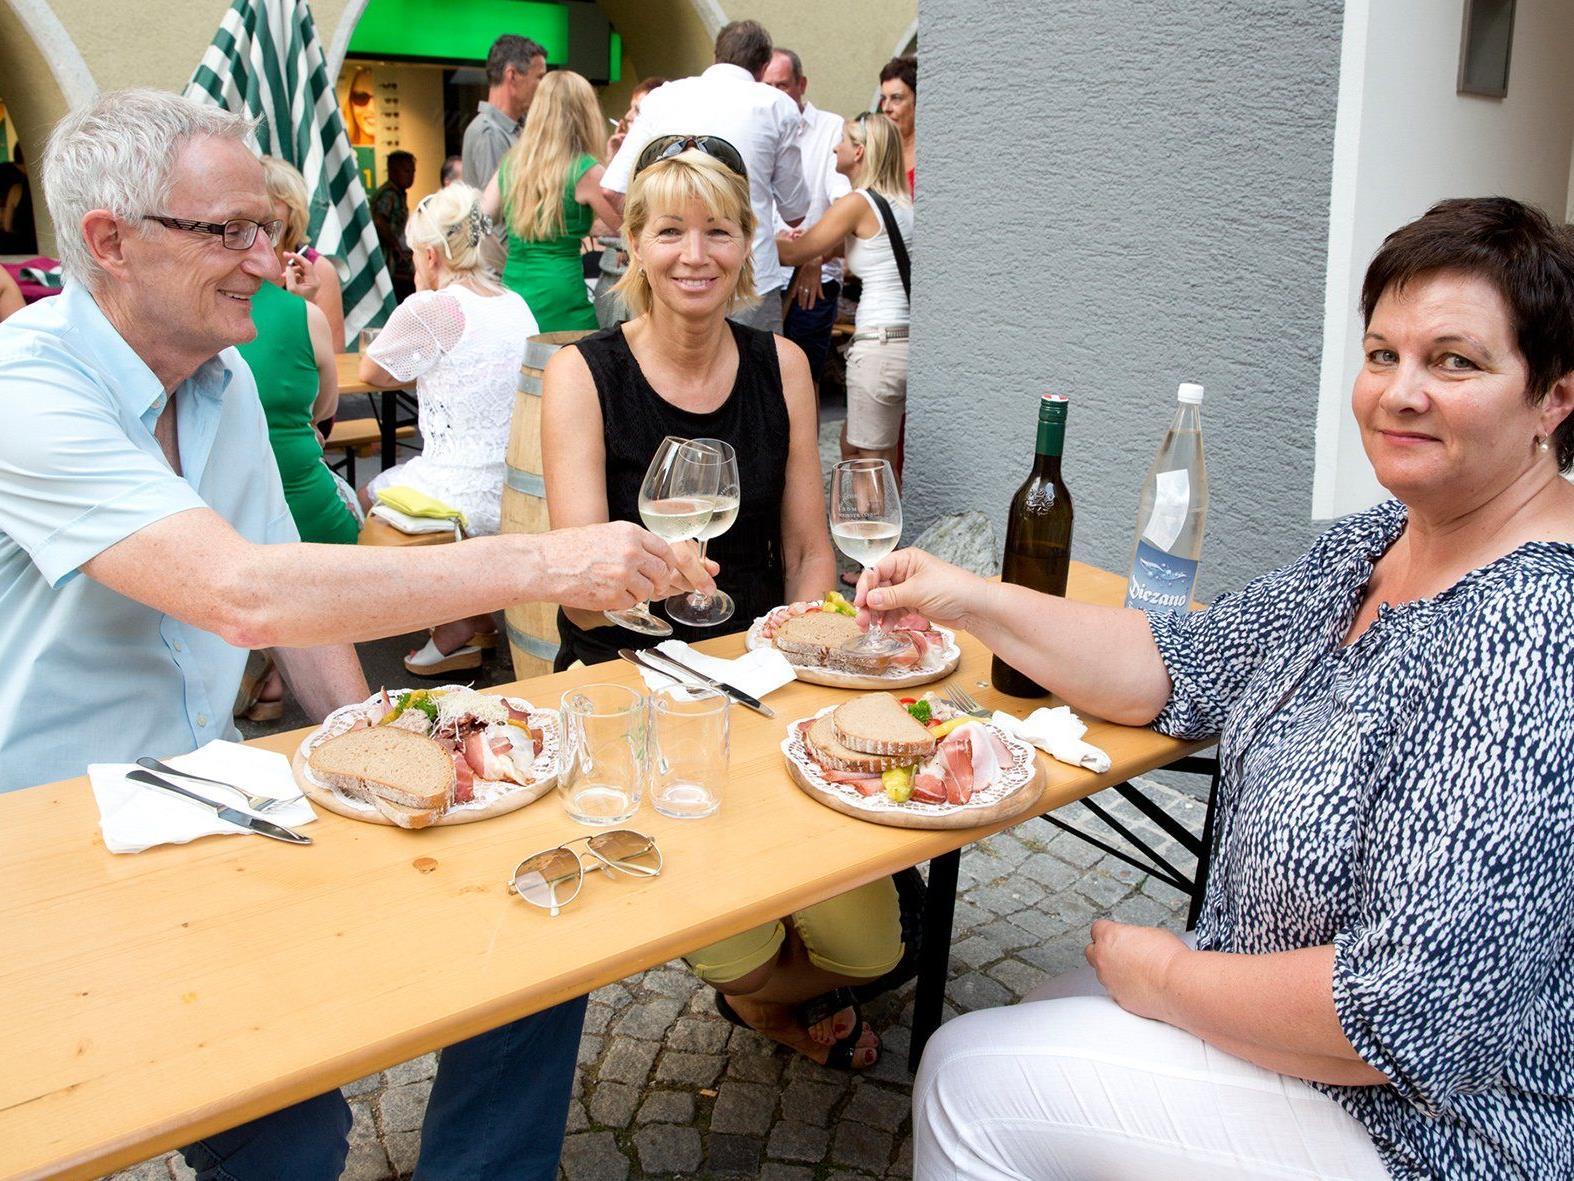 : Steirische Schmankerl, Wein und Musik genossen die Besucher beim 13. Weizer Mulbratlfest.